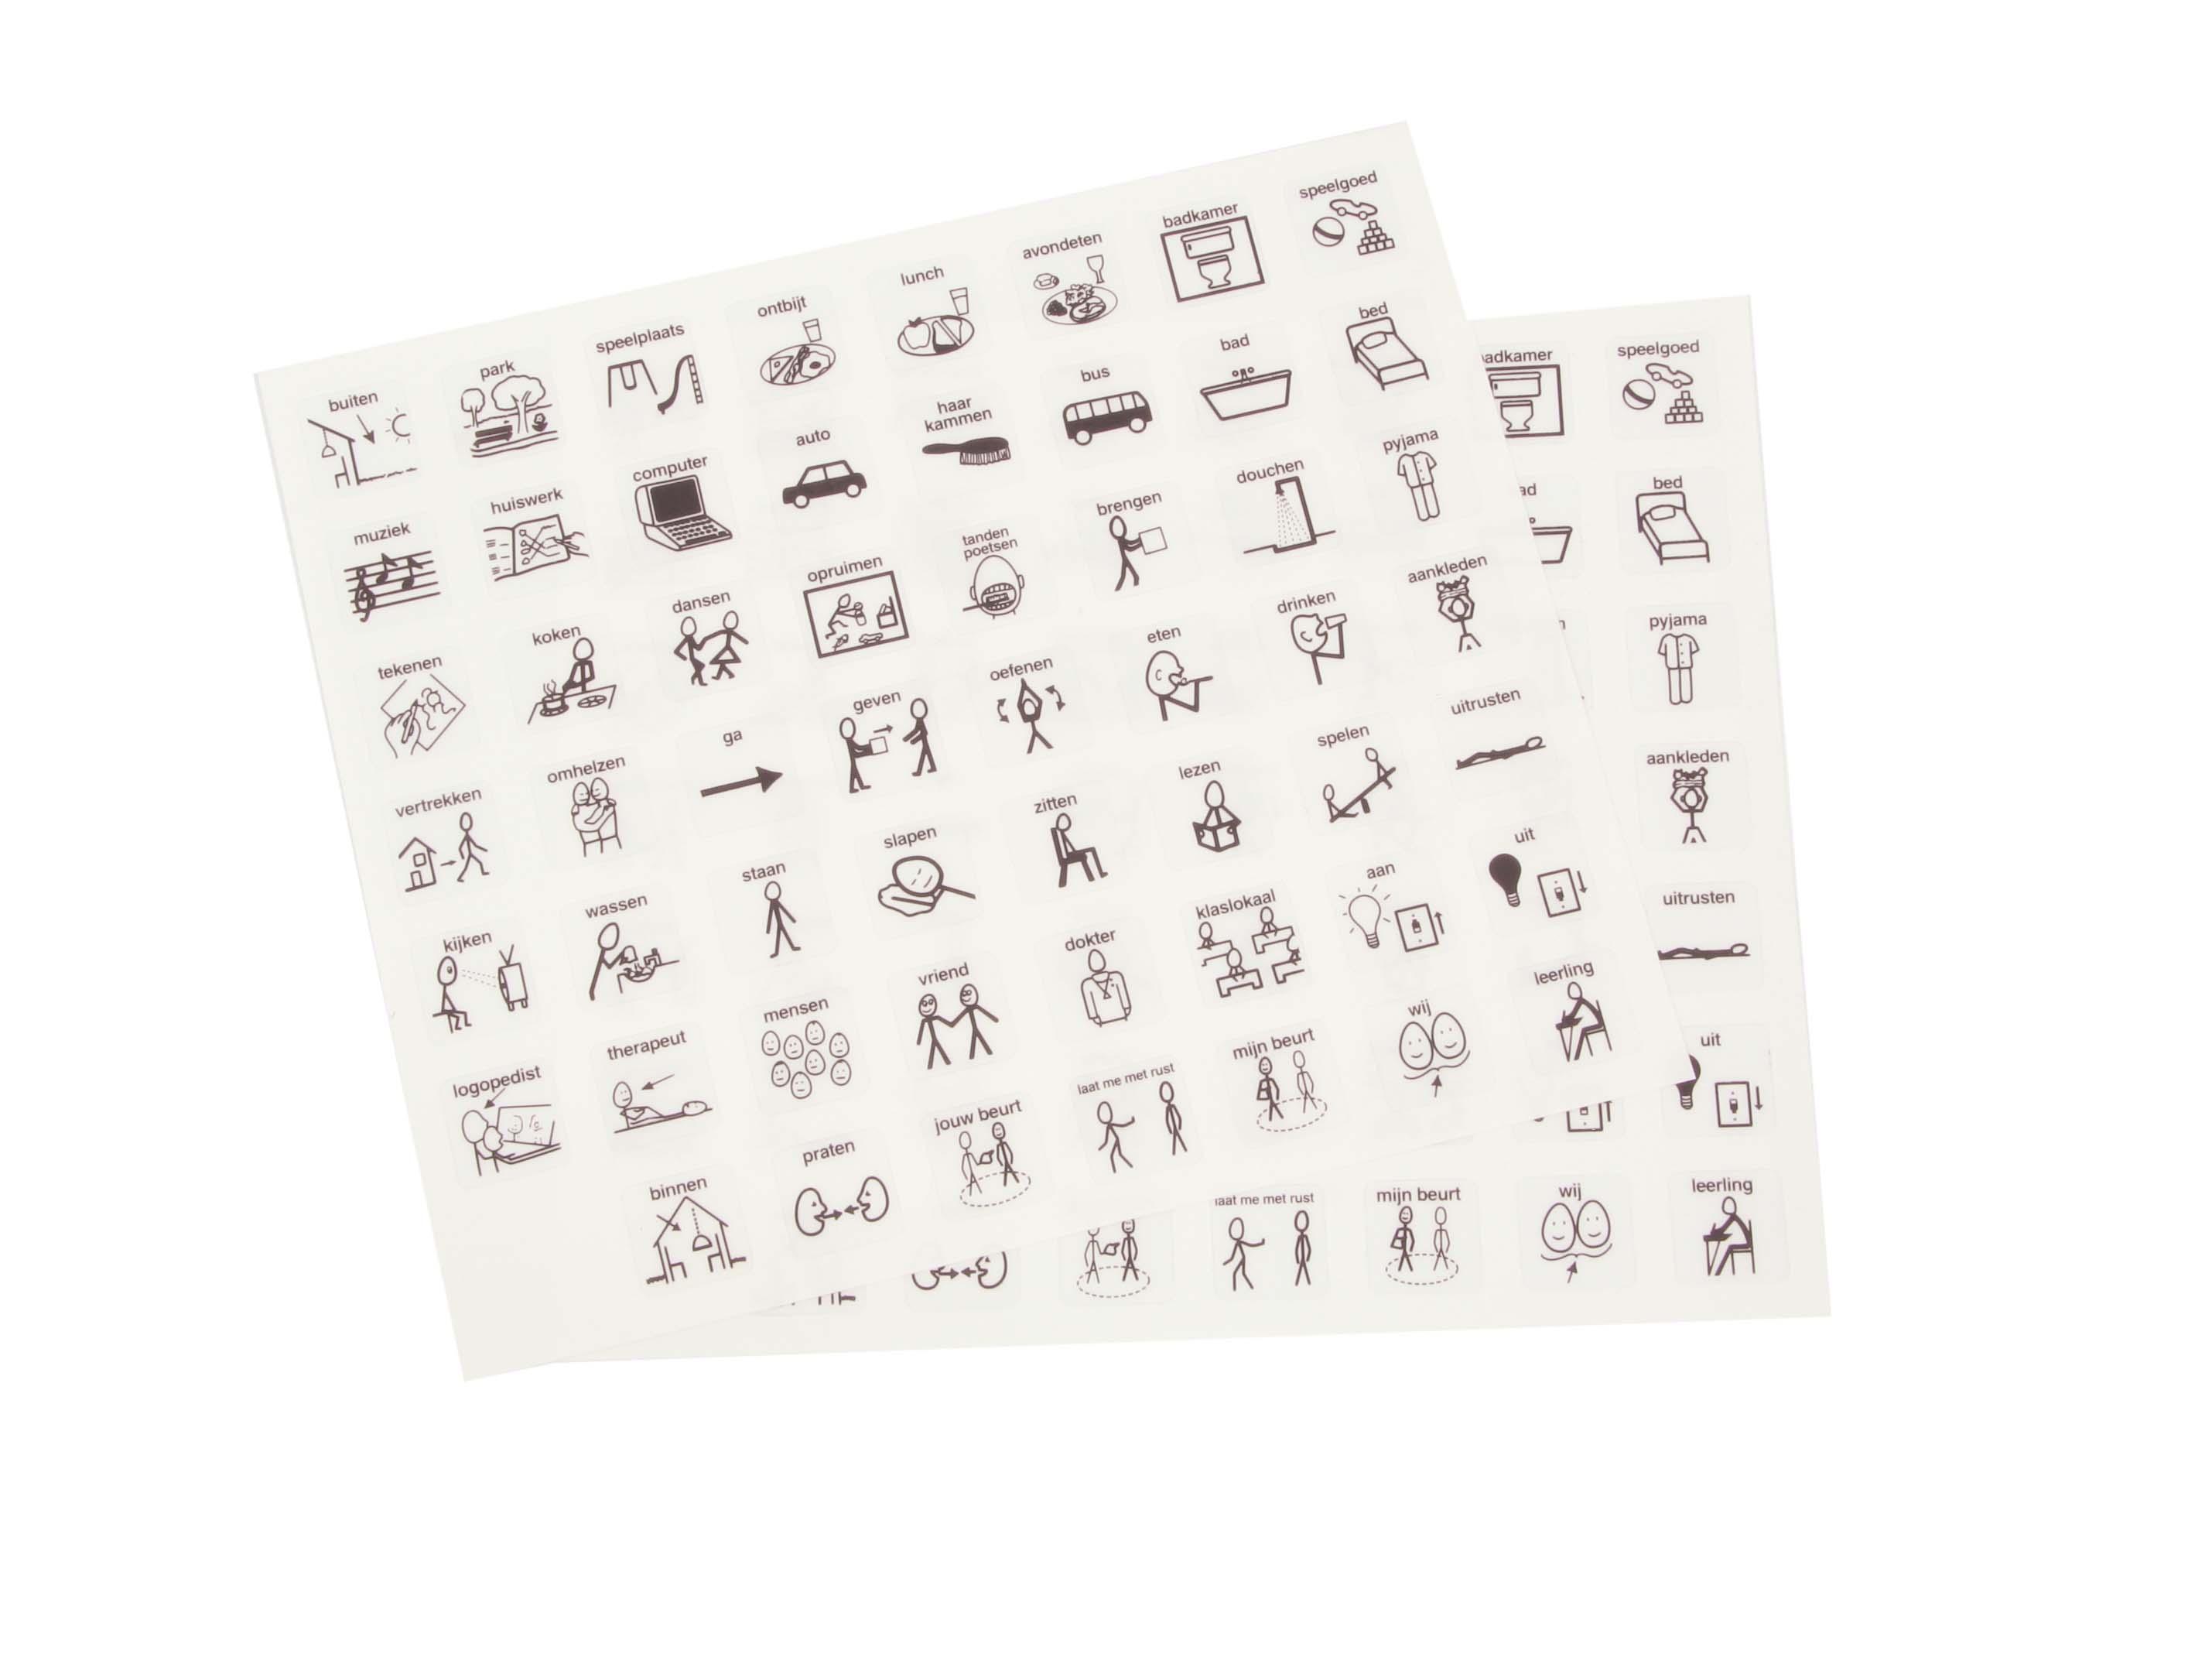 Stickervellen (met en zonder tekst) - Robo Educational Toys